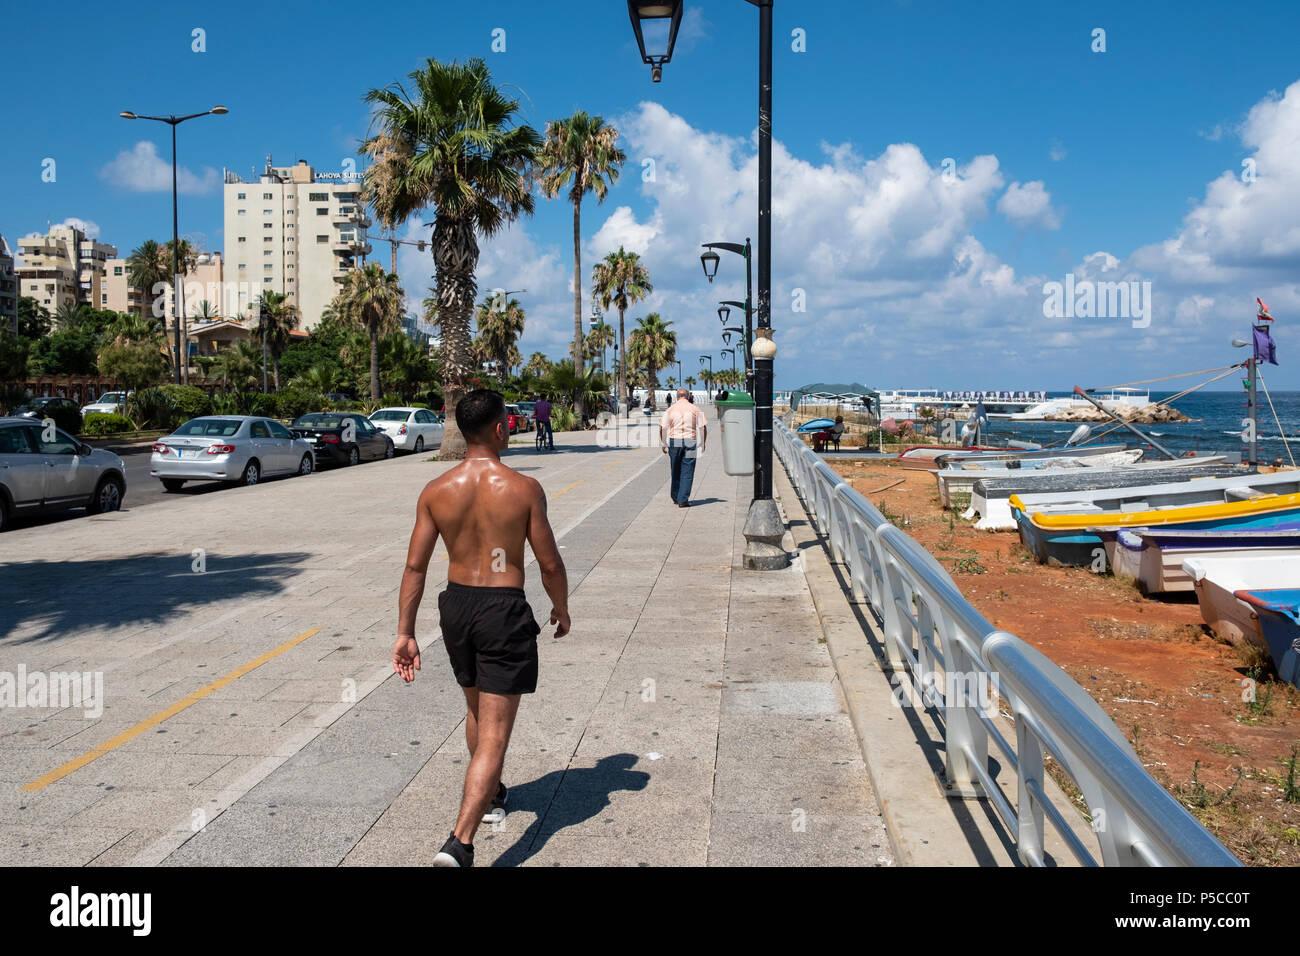 Vista a lo largo de la Corniche, en Beirut, Líbano. Imagen De Stock